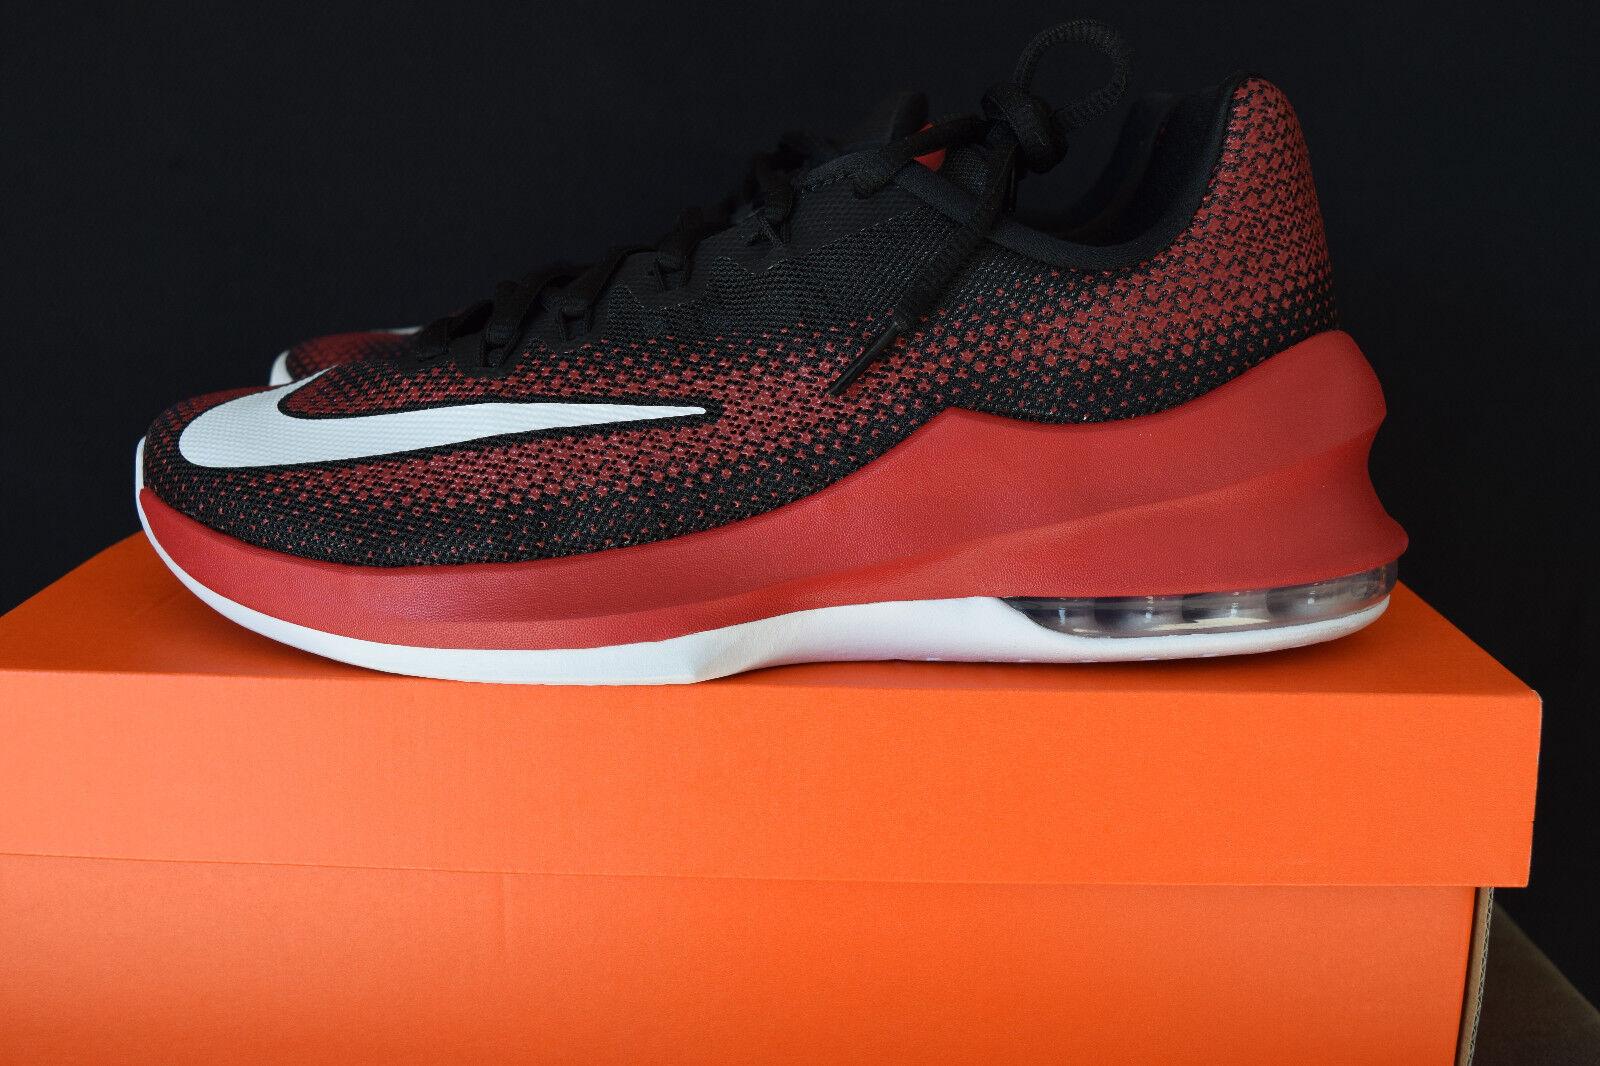 NIB Nike Air Max Infuriate Low Mens Training Shoes Sz 10.5 Red White Black